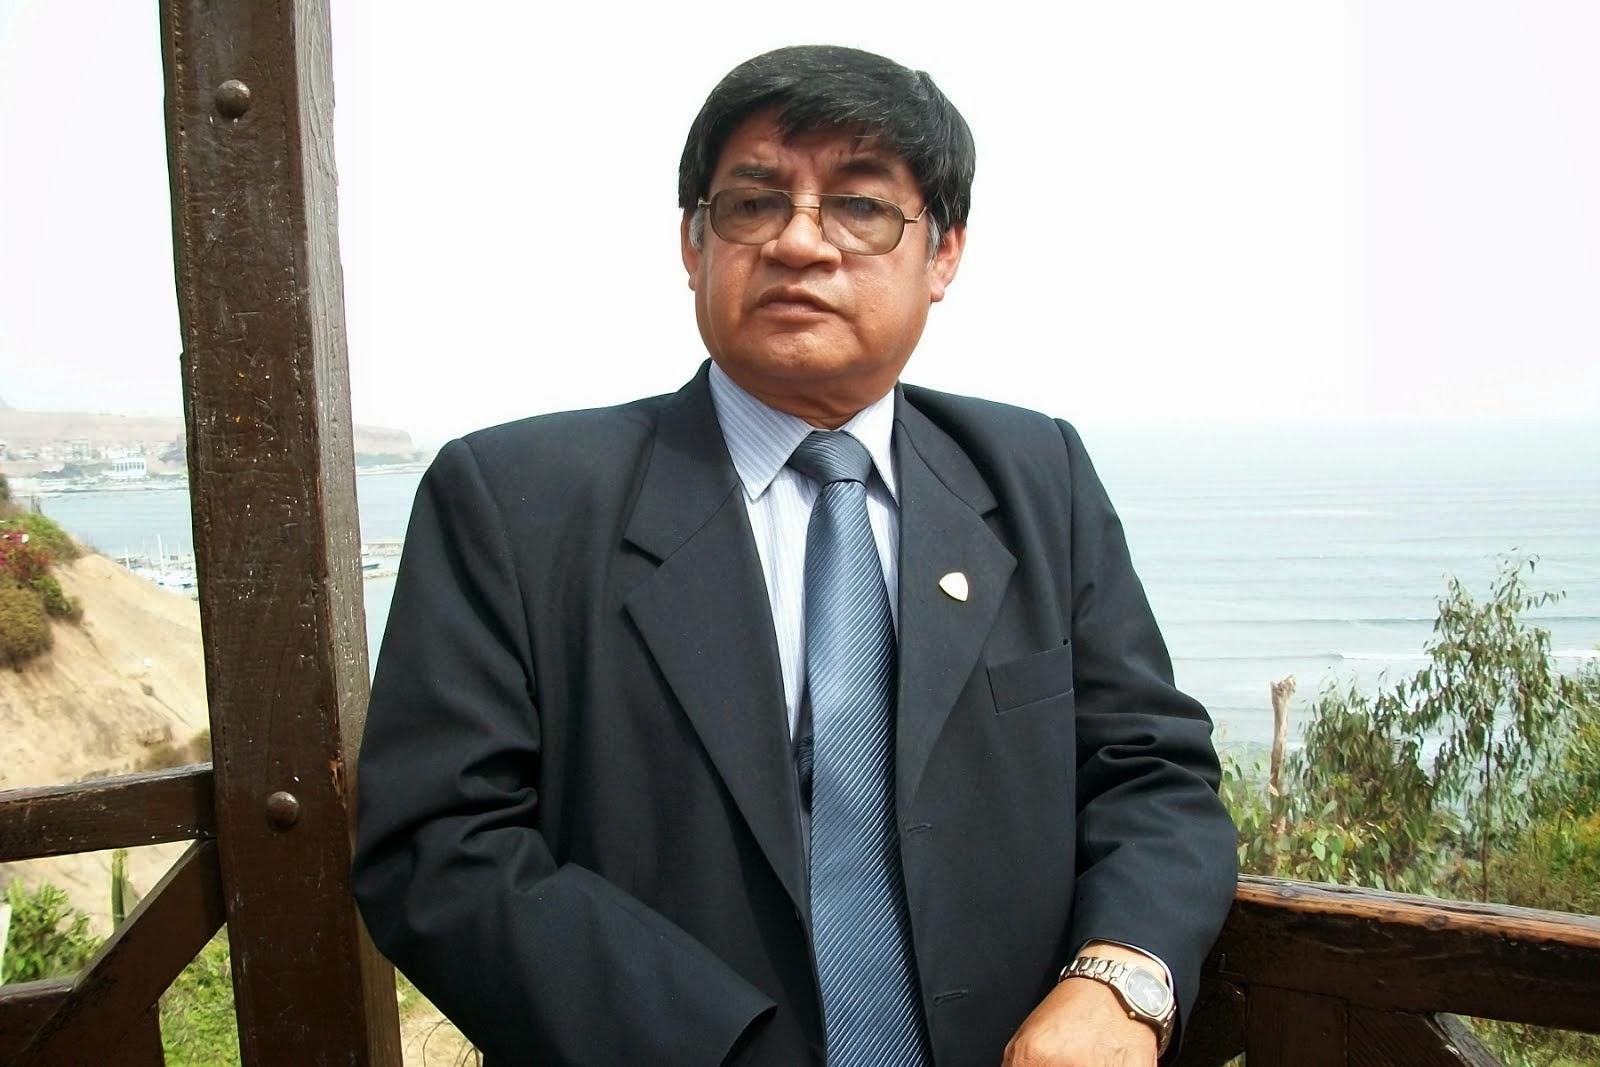 Manuel Valdivieso Chacon